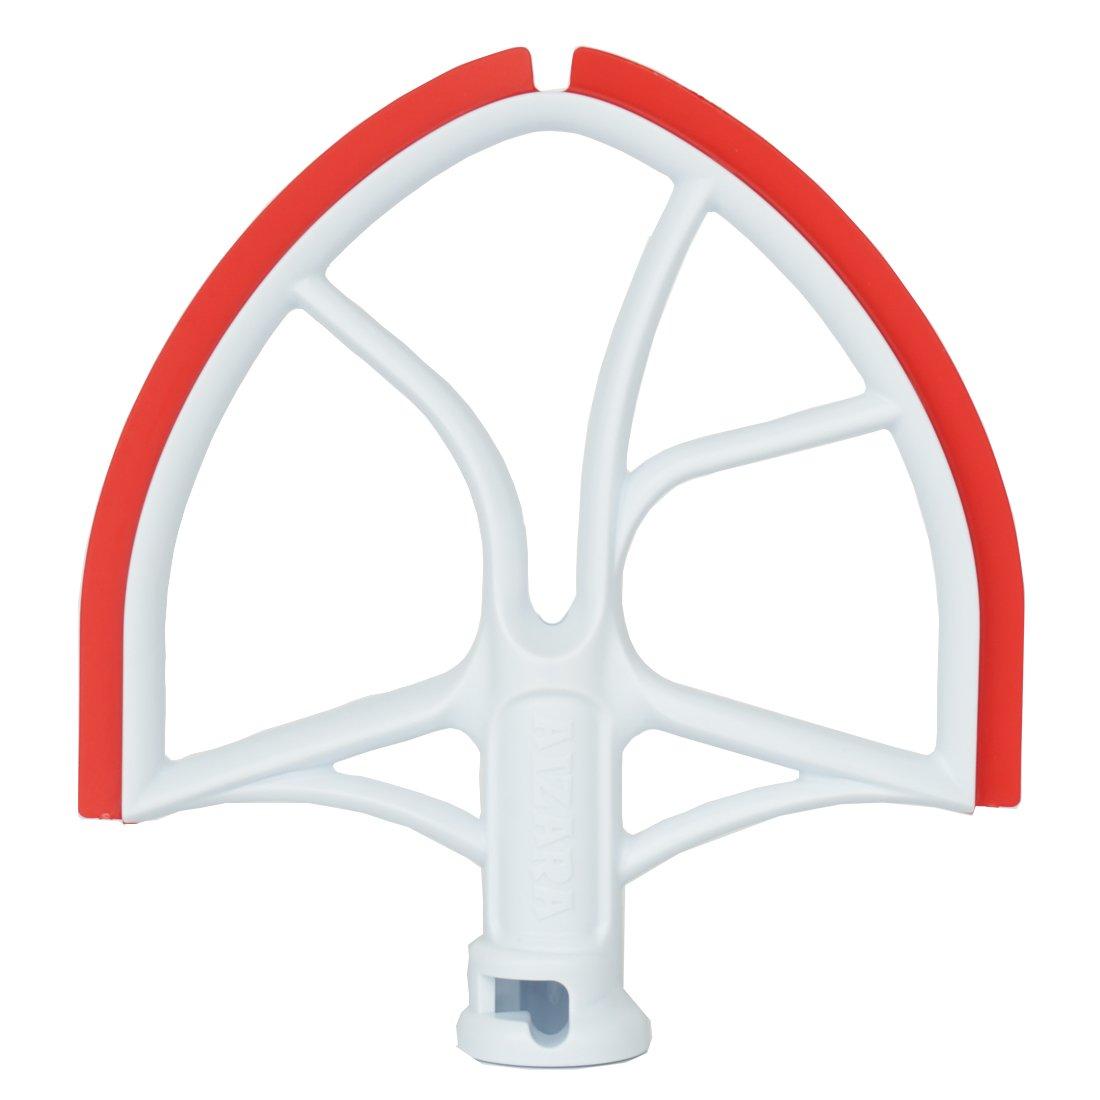 Flat Beater with Flex Edge Bowl Scraper Flat Blade 6-Quart Bowl Lift Mixer